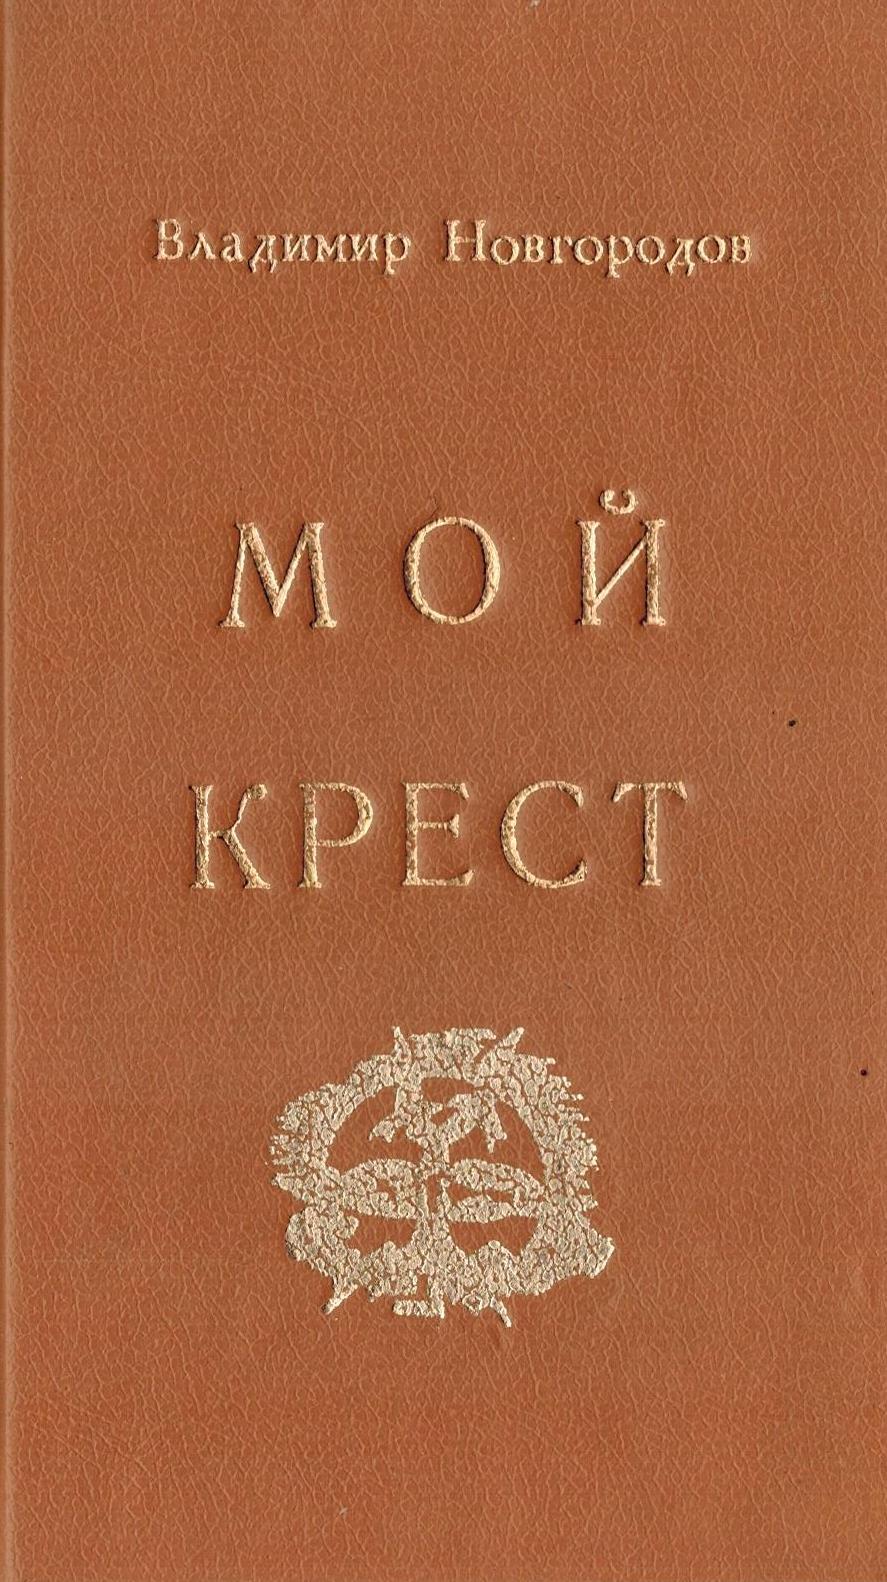 Новгородов Владимир Мой крест